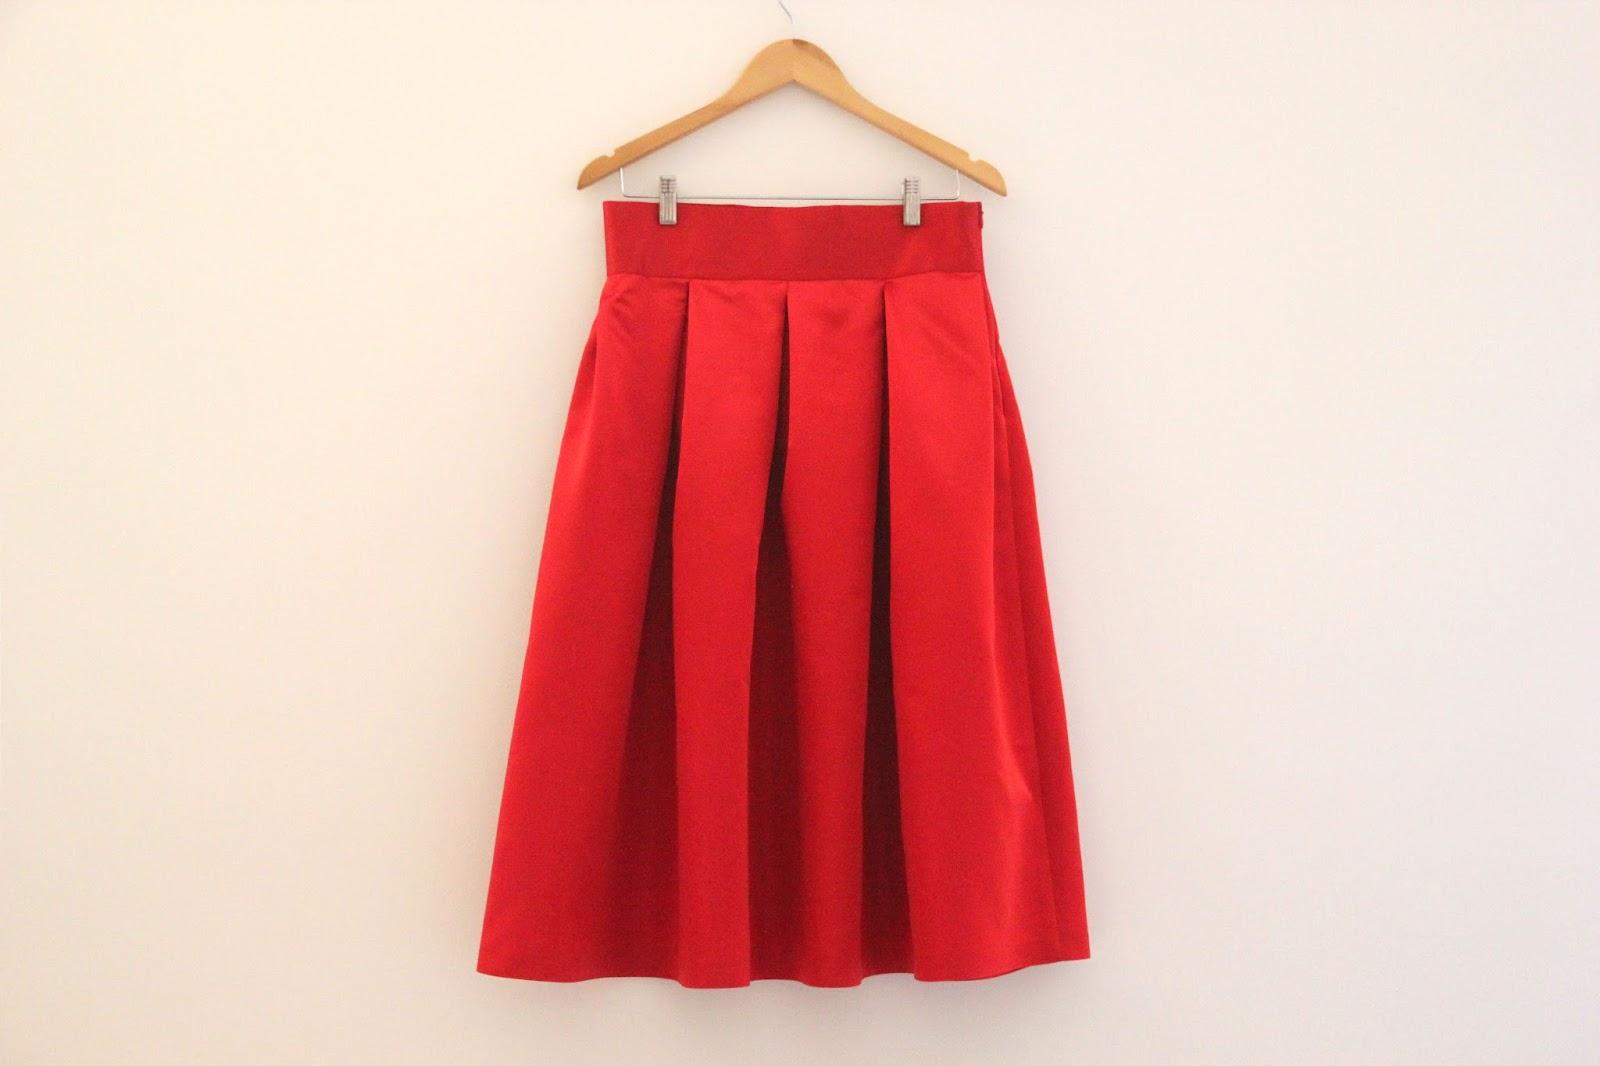 d7bf2b25752 diy tutoriales patrones falda midi valentino como hacer blog costura